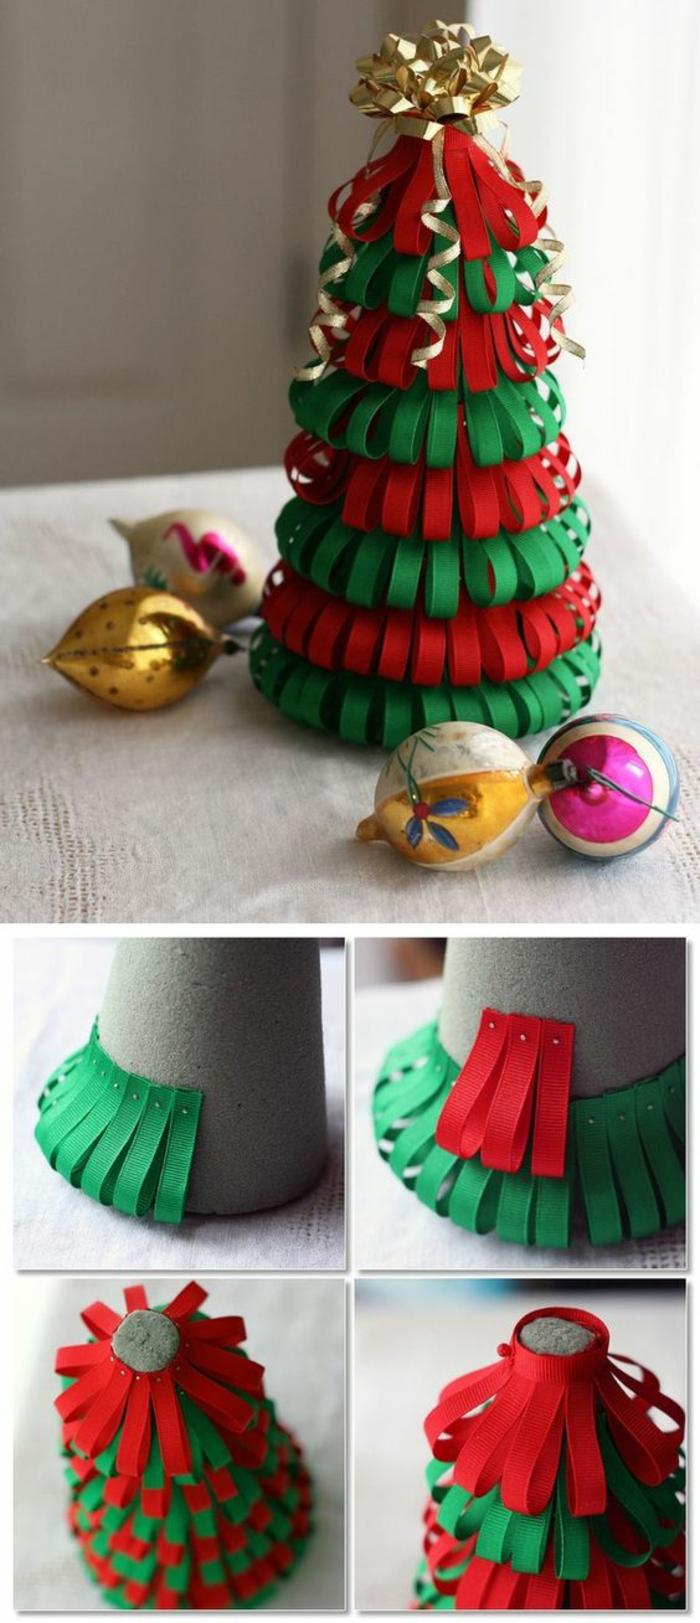 décoration de noel a faire soi même, sapin réalisé sur un cône en carton, sur lequel on applique des petites bandes de papier coloré en rouge et vert, sommet décoré de nœud pour paquet cadeau en couleur dorée